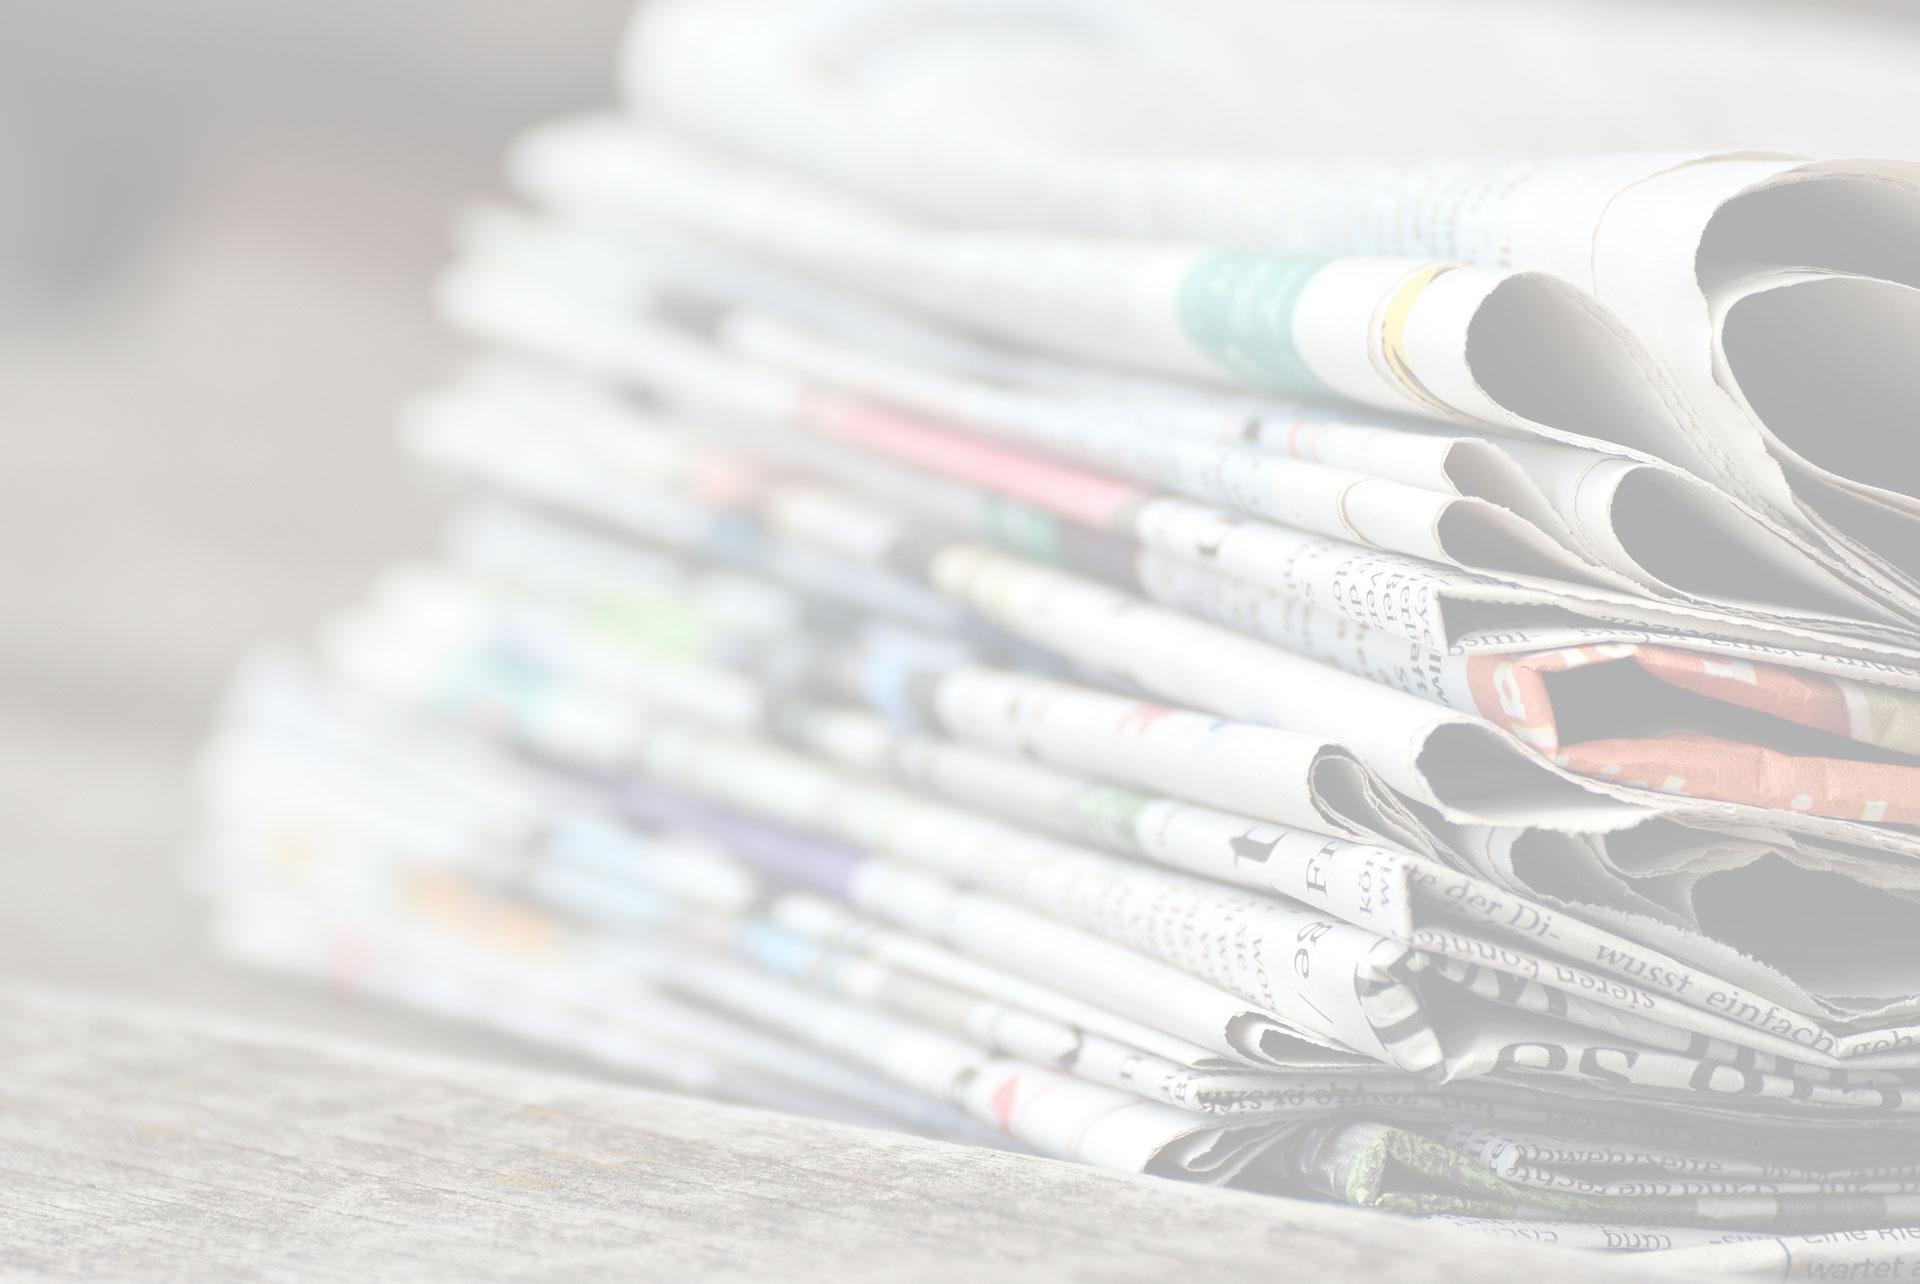 Elezioni regionali, Bonaccini vince in Emilia Romagna, Pd primo partito. In Calabria domina Santelli